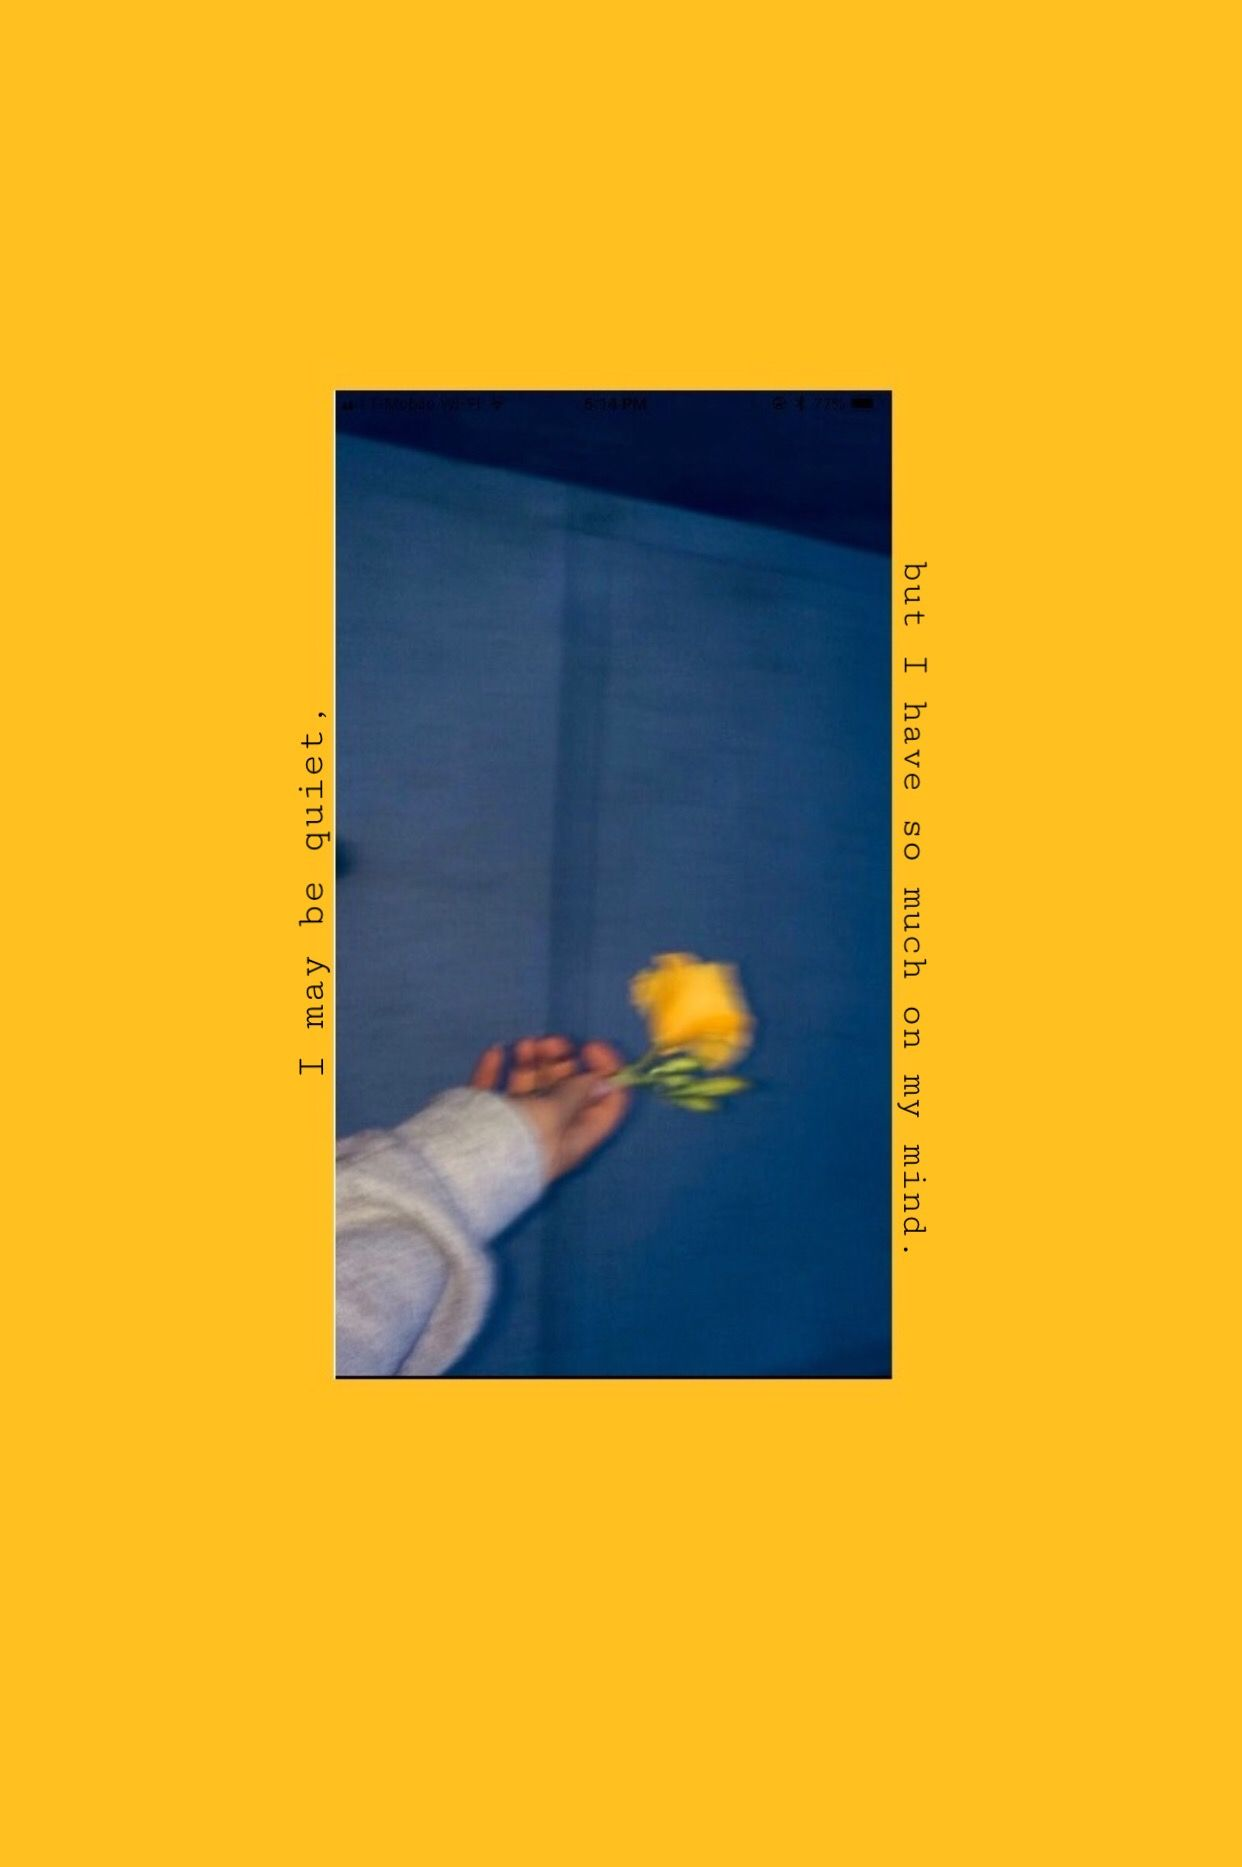 Pin Oleh Fajraj Di Yellow Aesthetic Wallpaper Iphone Gambar Wallpaper Ponsel